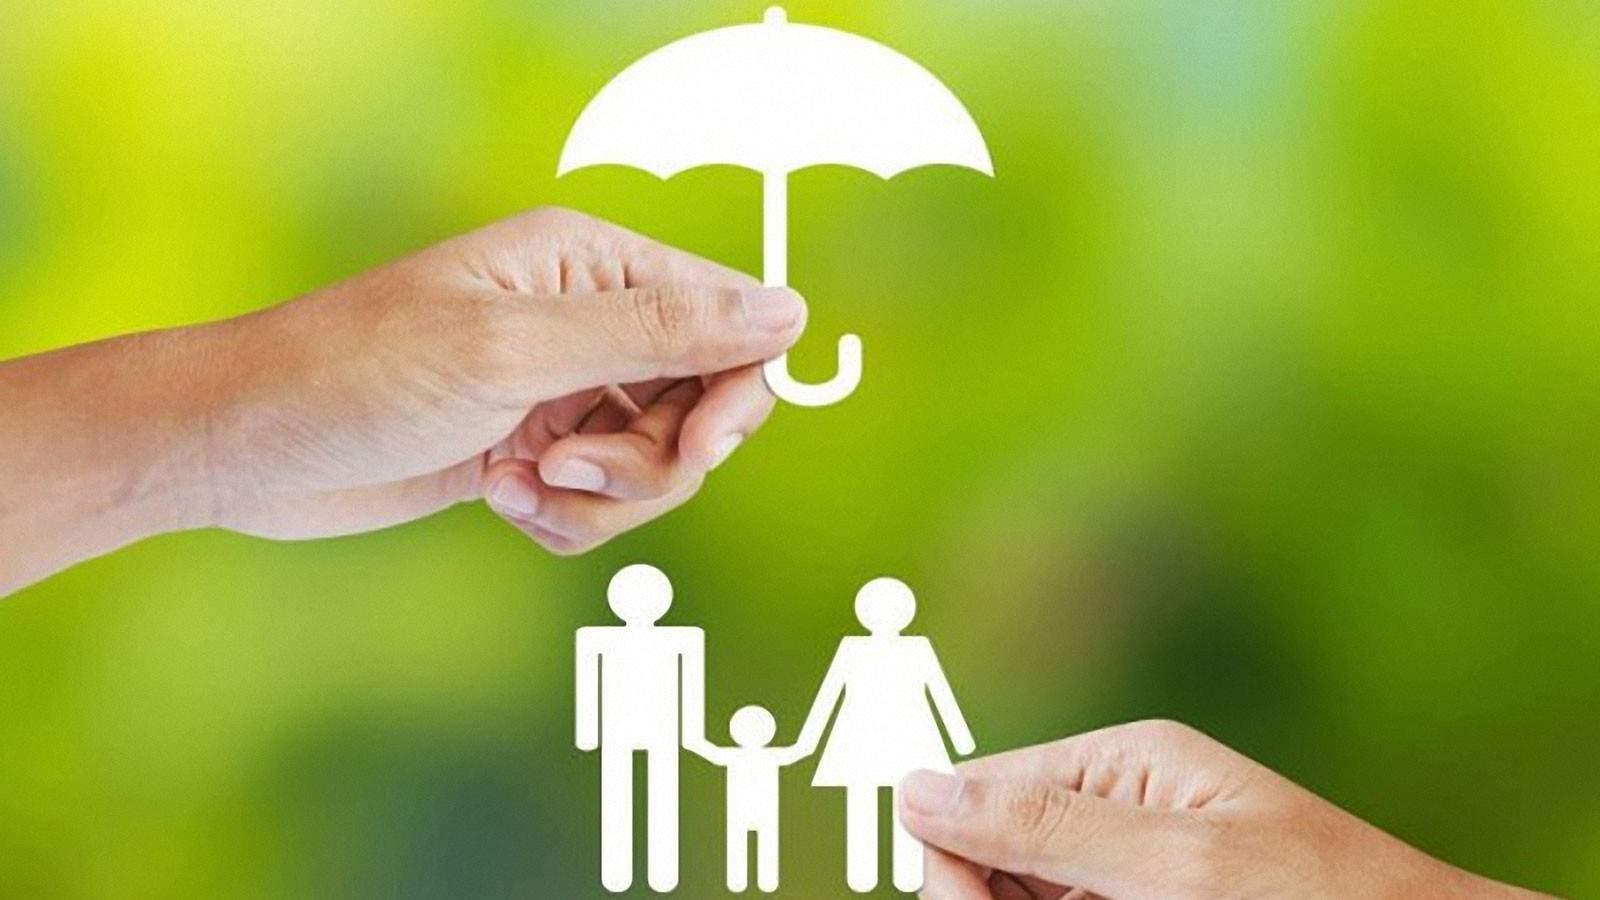 Bảo hiểm nhân thọ kết hợp được cả 3 yếu tố bảo vệ, tiết kiệm và đầu tư